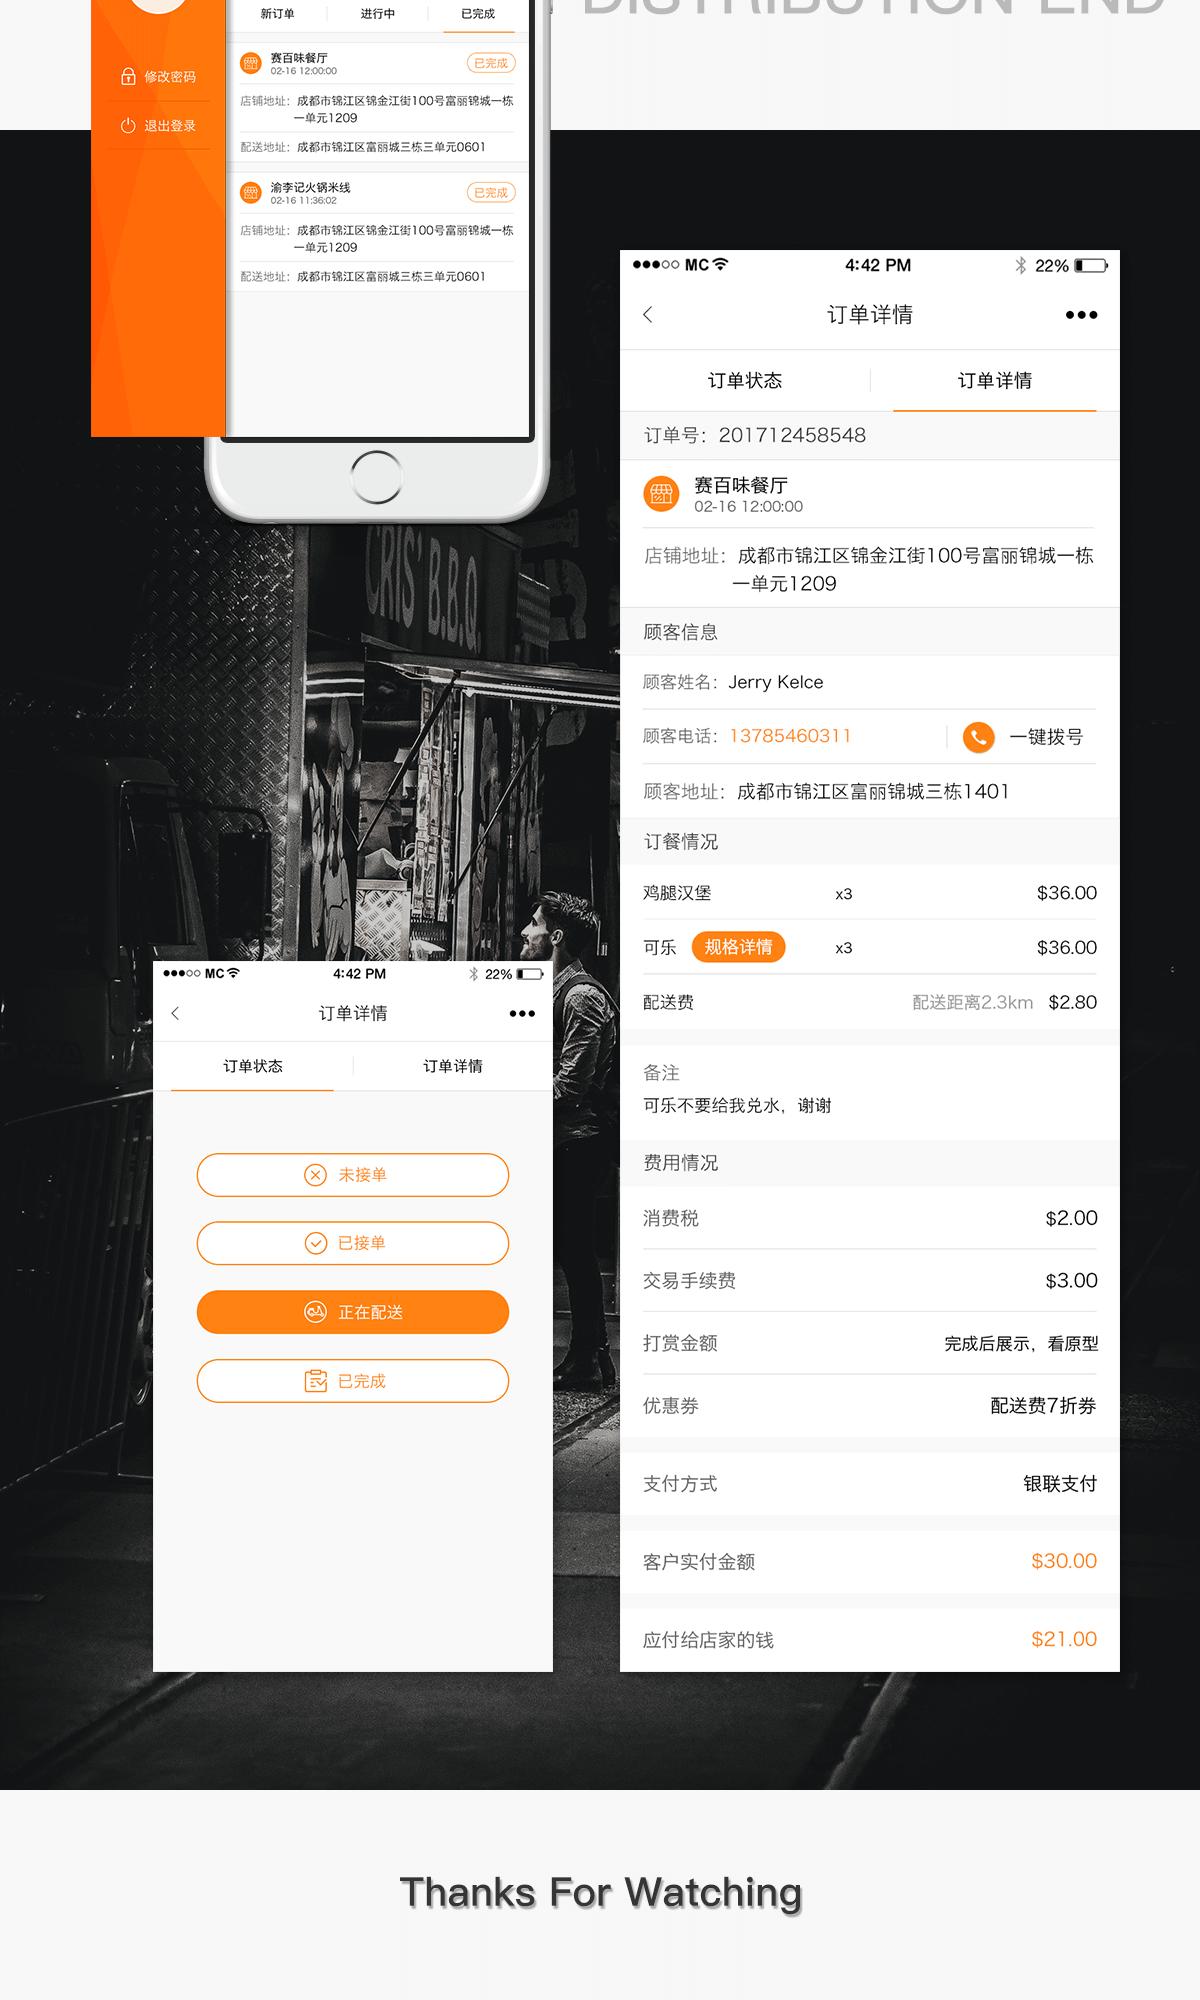 开发一个微信公众号多少钱